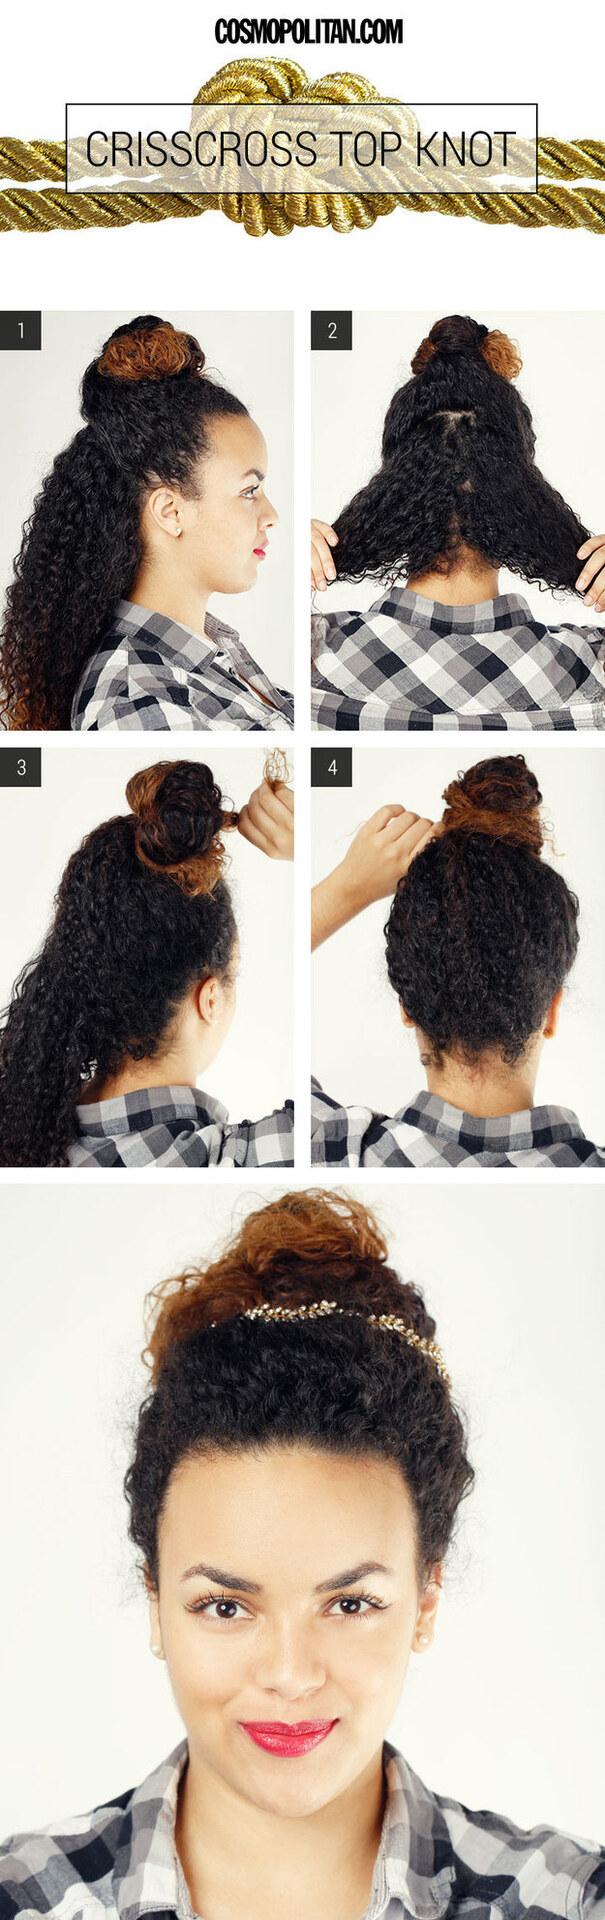 penteados-cabelo cacheado (3)